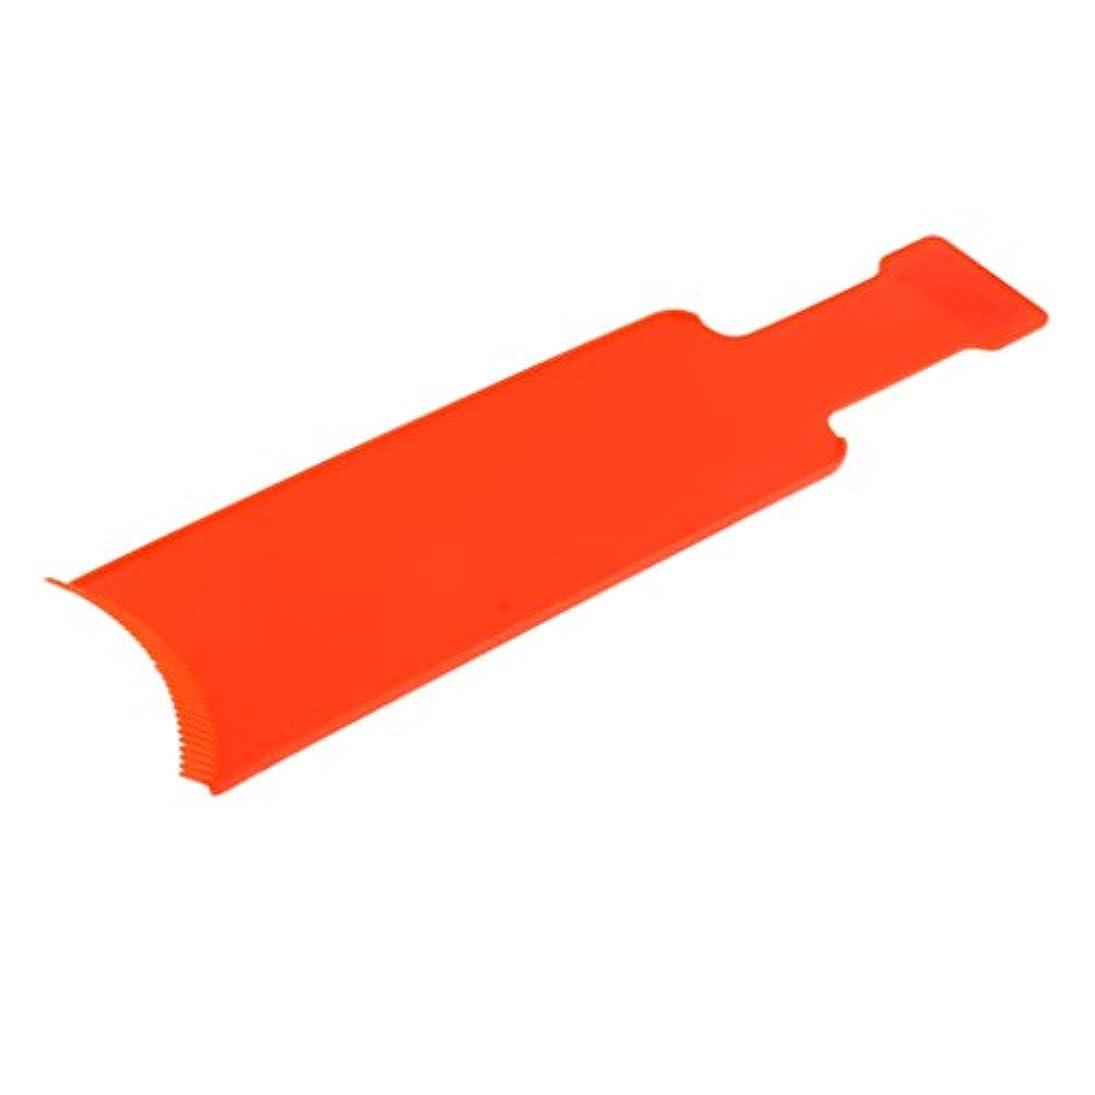 安らぎミキサー敗北染色櫛プレート 染めボード ヘアカラー 櫛 着色ボード ヘアブラシ セルフヘルプ プロ 家庭用 2サイズ2色選べる - オレンジ, L